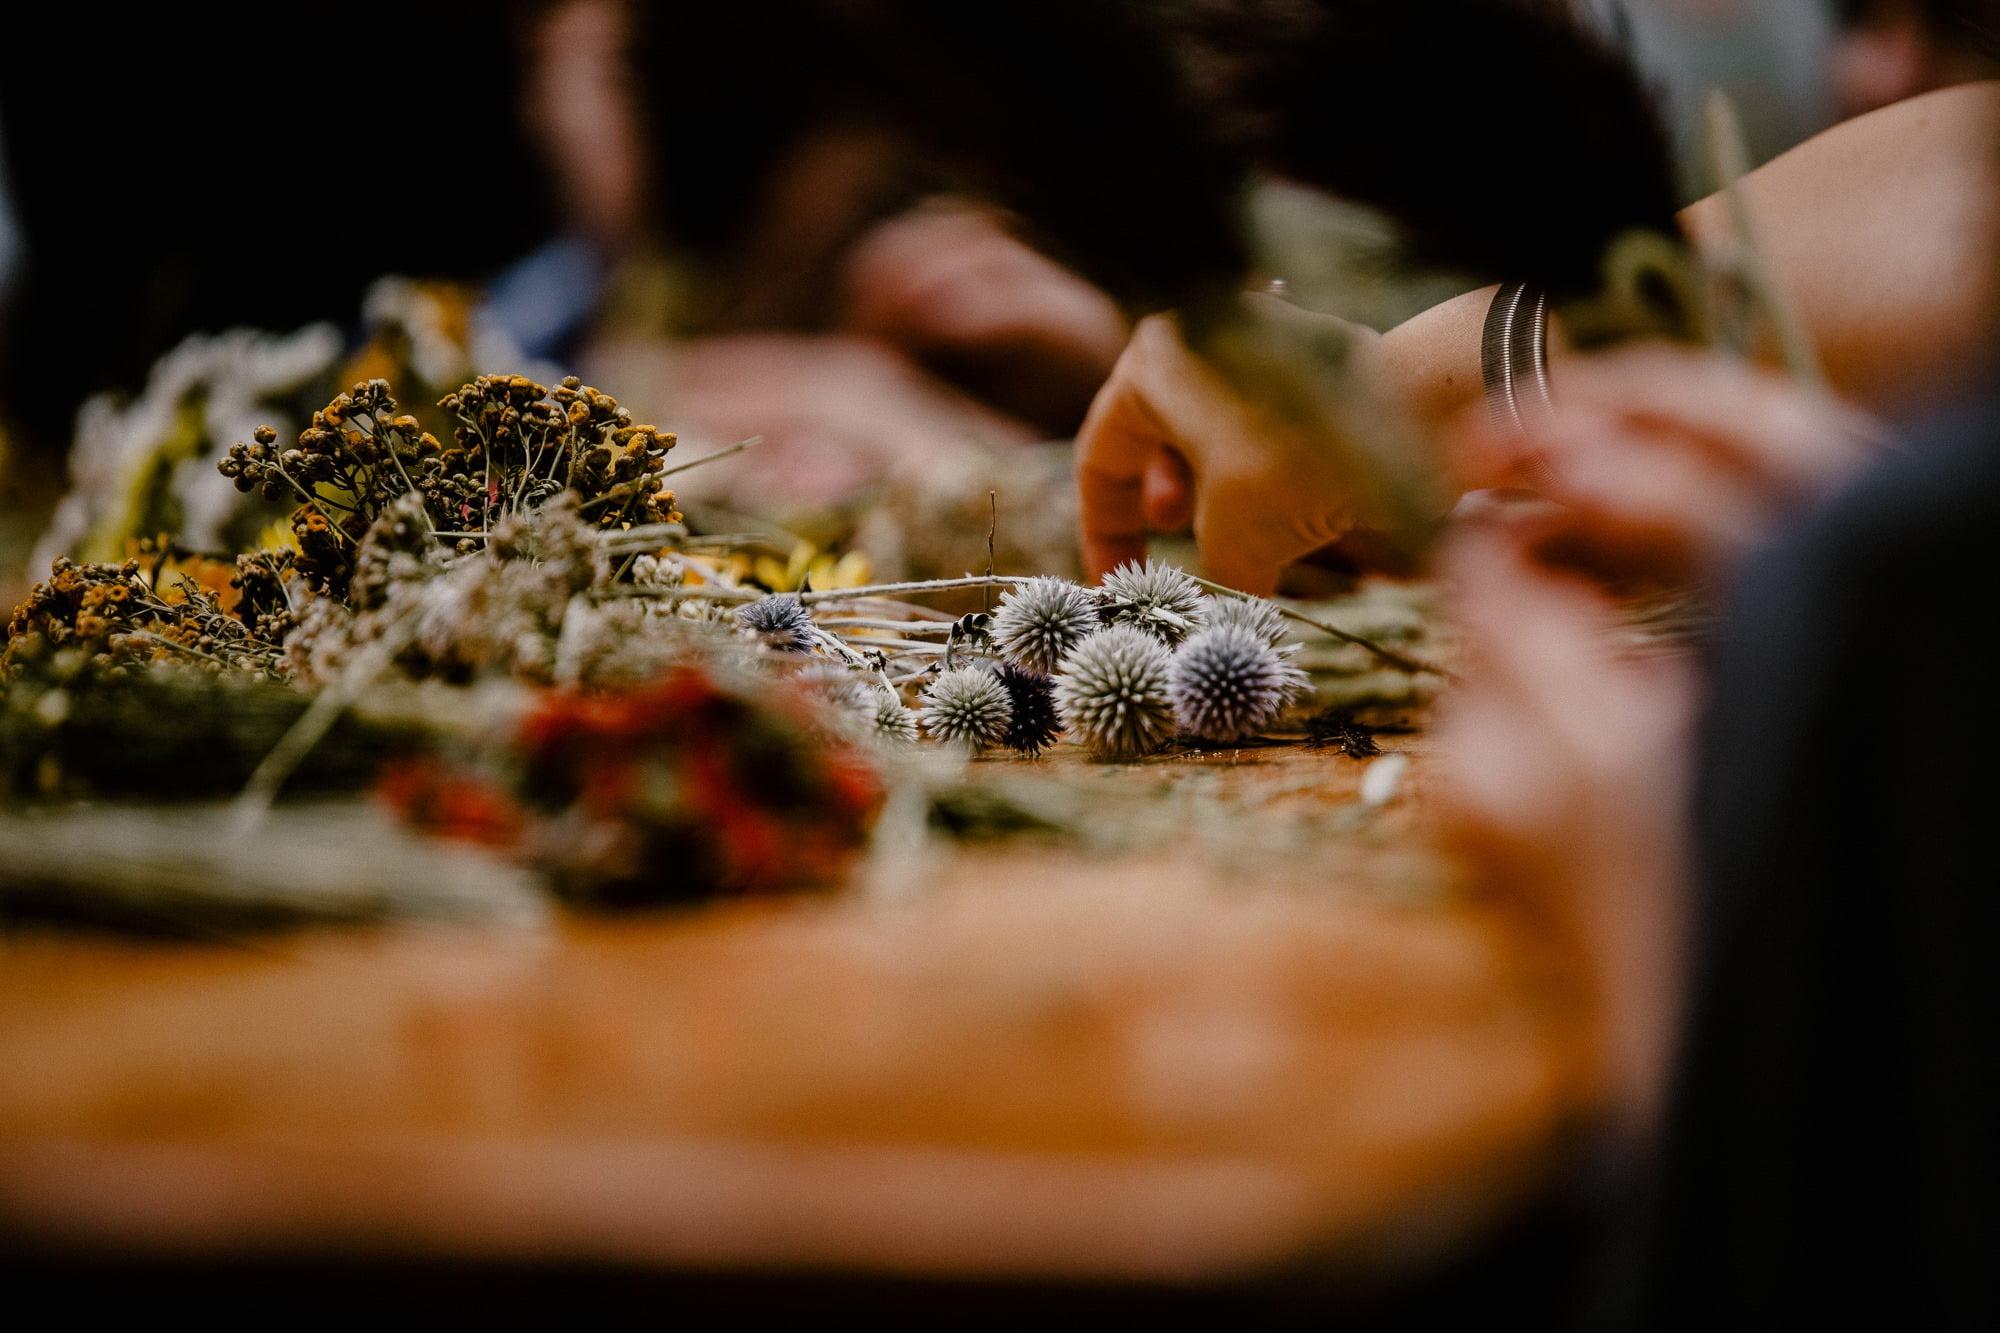 Kwiaty i zioła leżące na stole